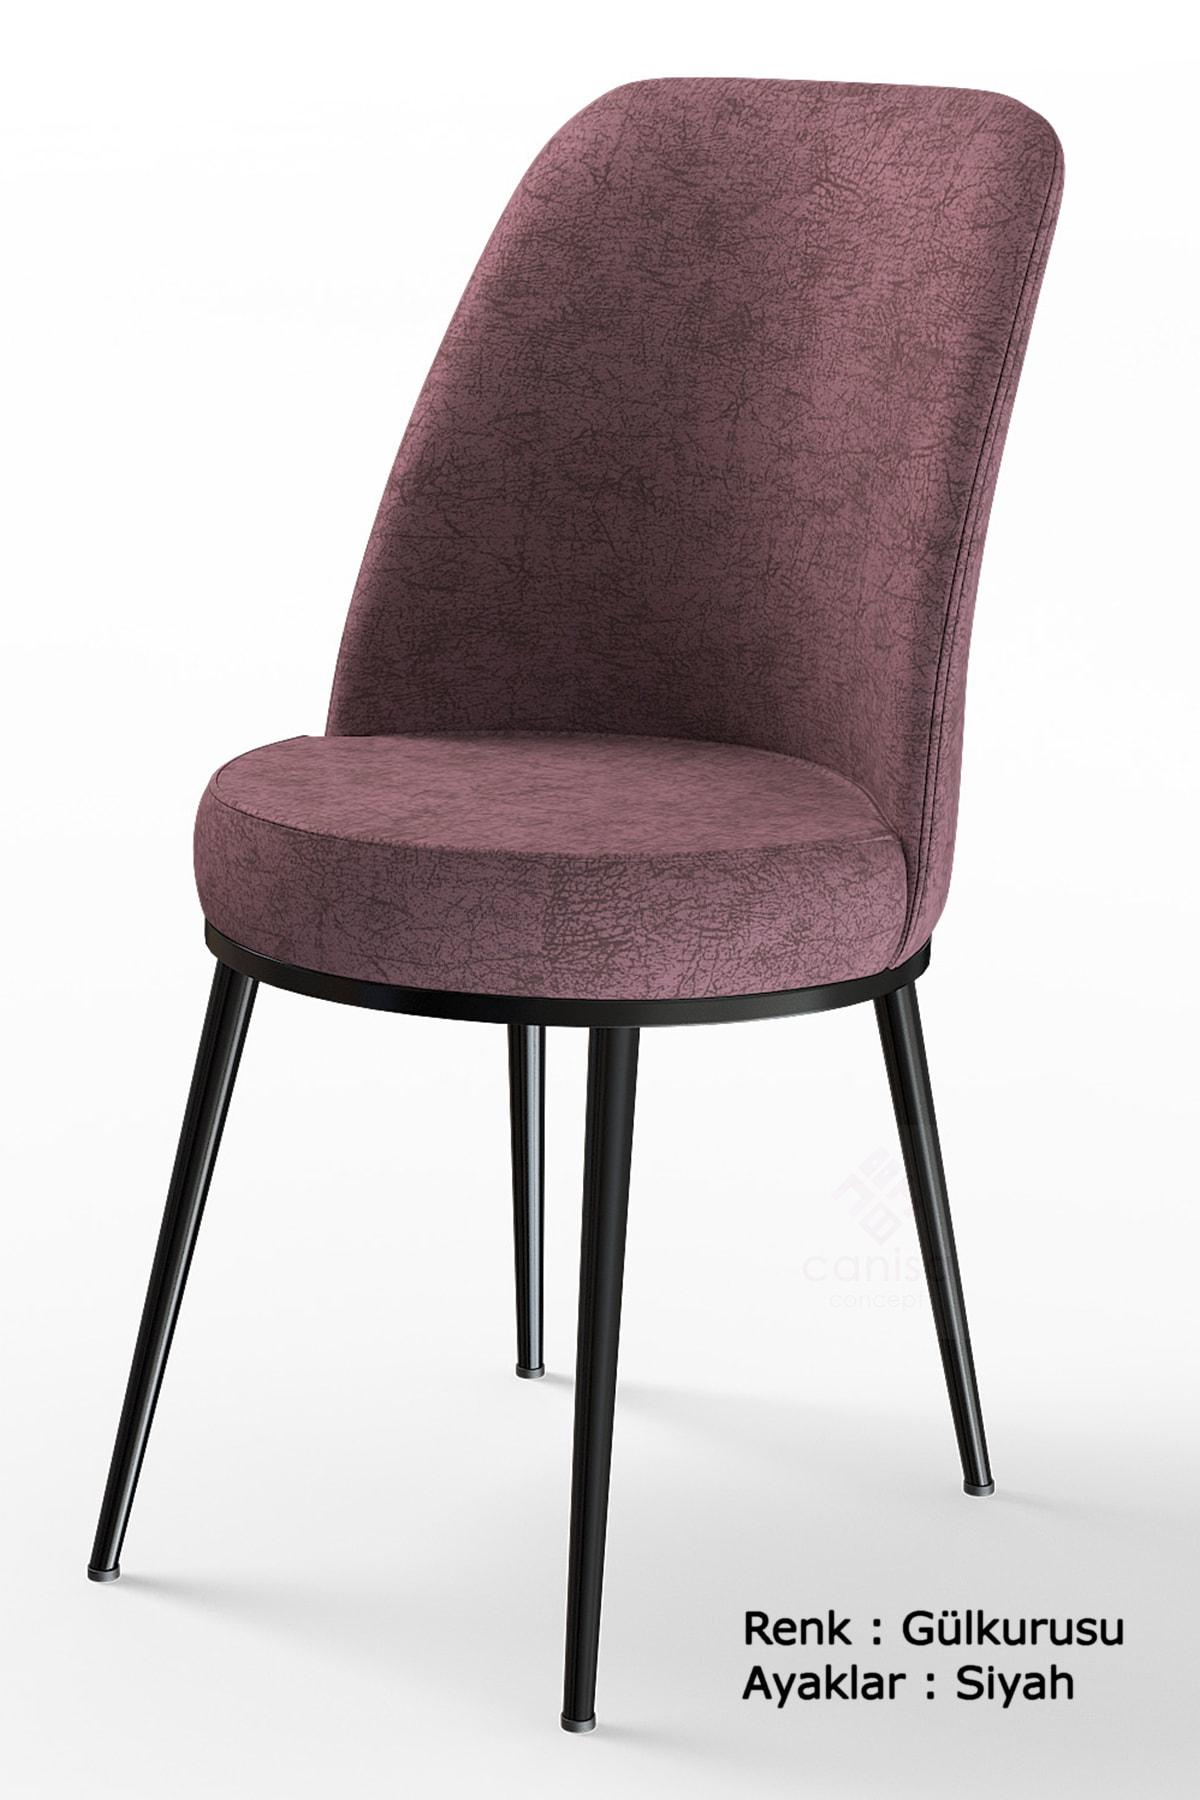 Dexa Serisi Gülkurusu Renk Sandalye Mutfak Sandalyesi, Yemek Sandalyesi Ayaklar Siyah